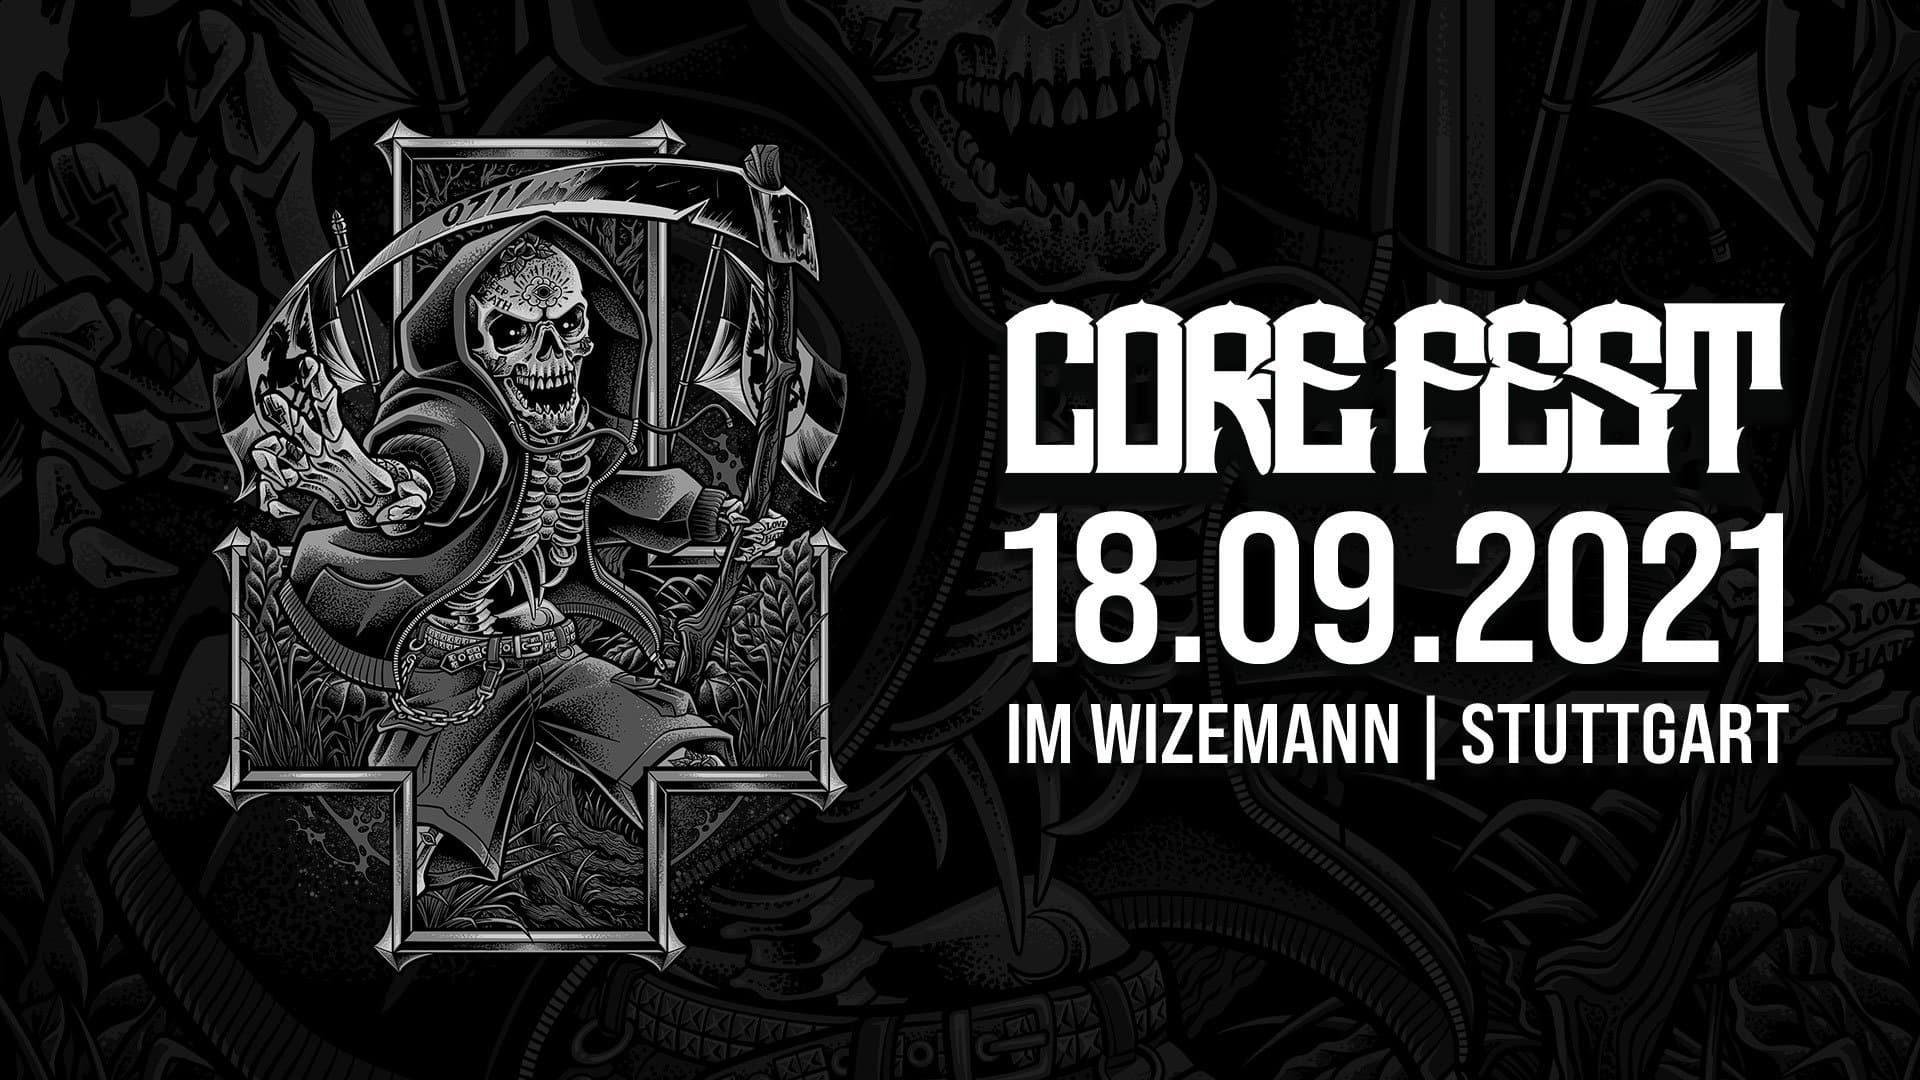 Core-Fest-2021---Web-Banner-01-1920x1080